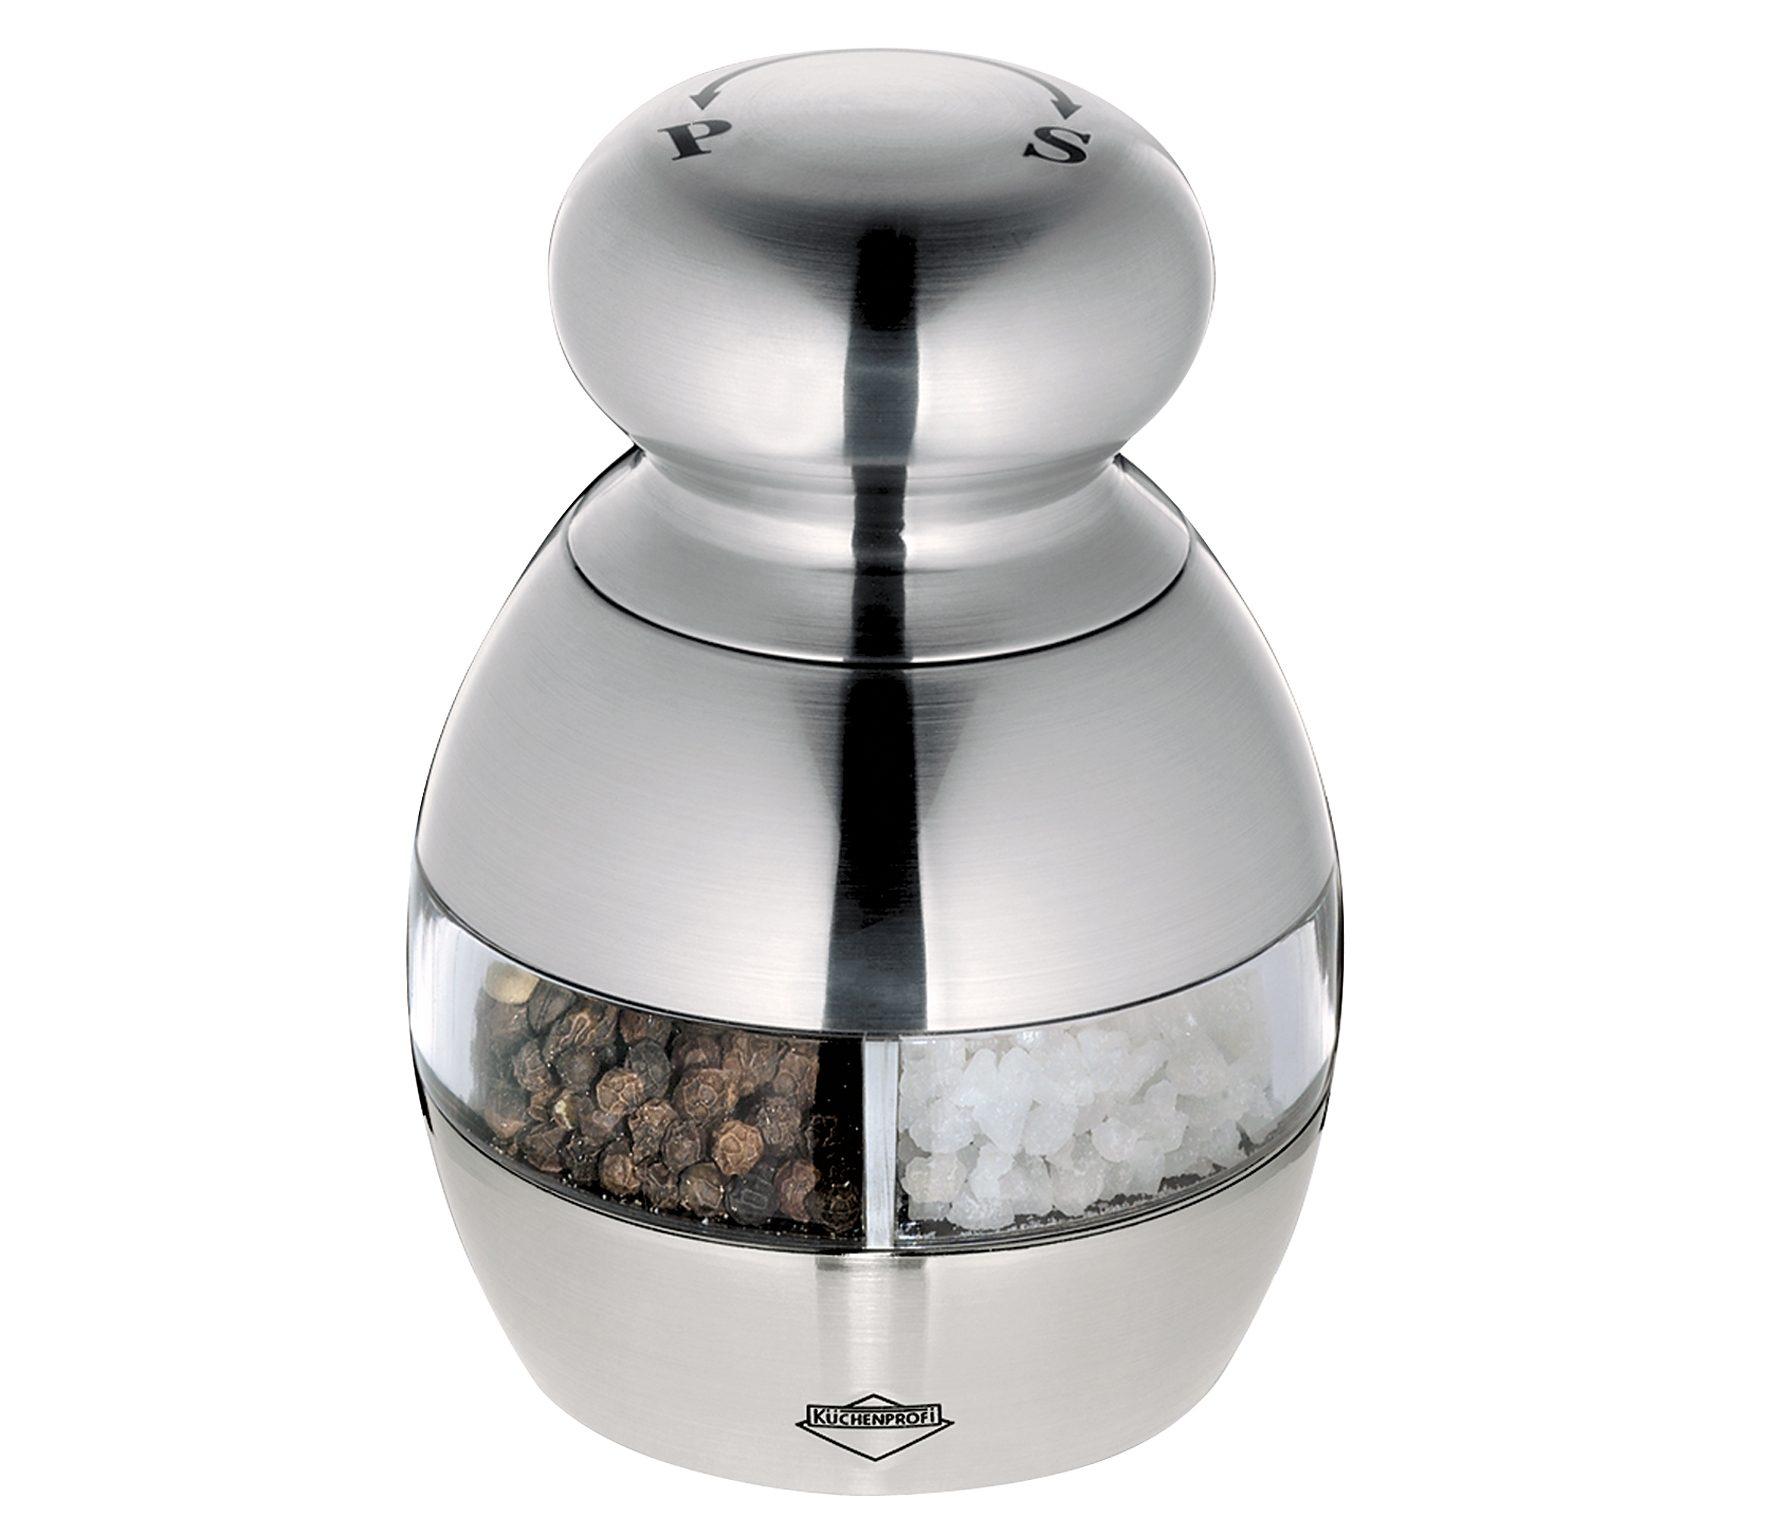 Küchenprofi 2in1 Pfeffer- und Salzmühle »Houston«